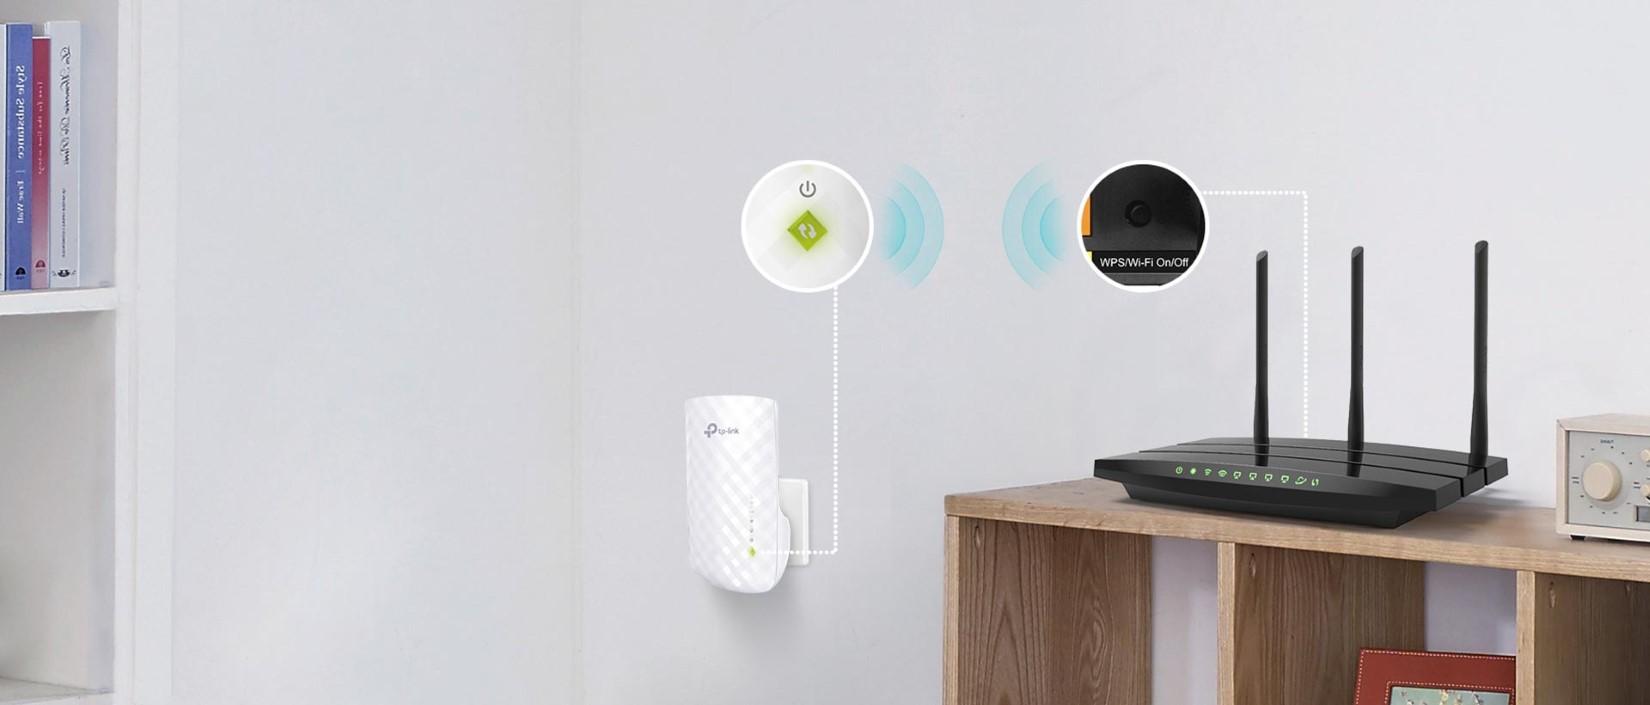 Bộ mở rộng sóng Wi-Fi TP-Link RE200 AC750 2